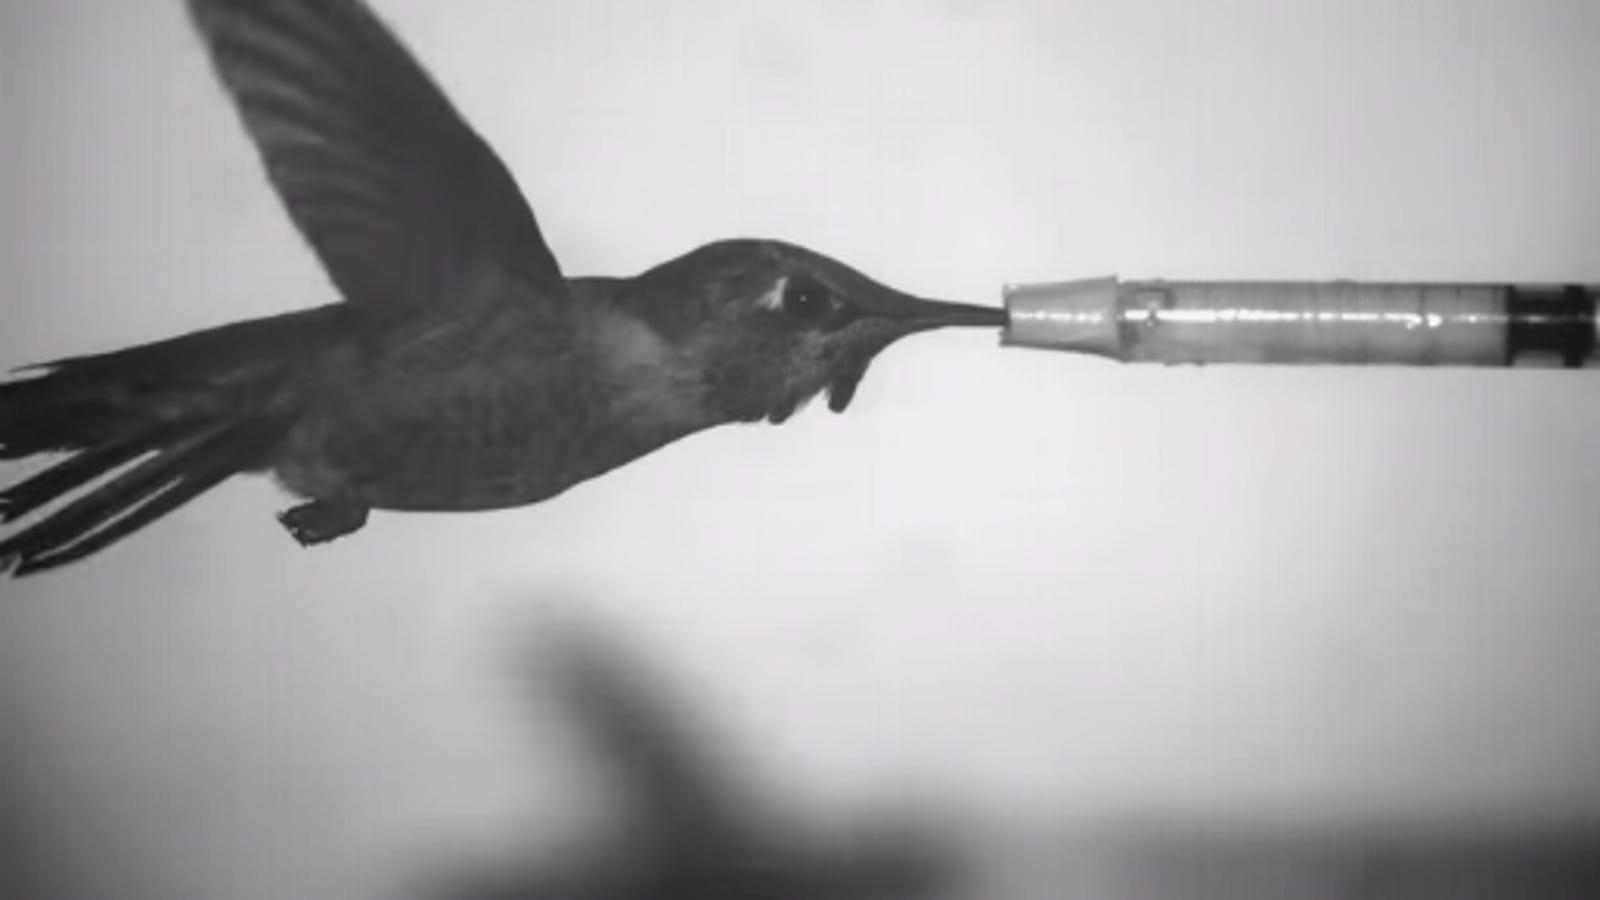 ¿Qué ocurre cuando un colibrí vuela en un túnel de viento?